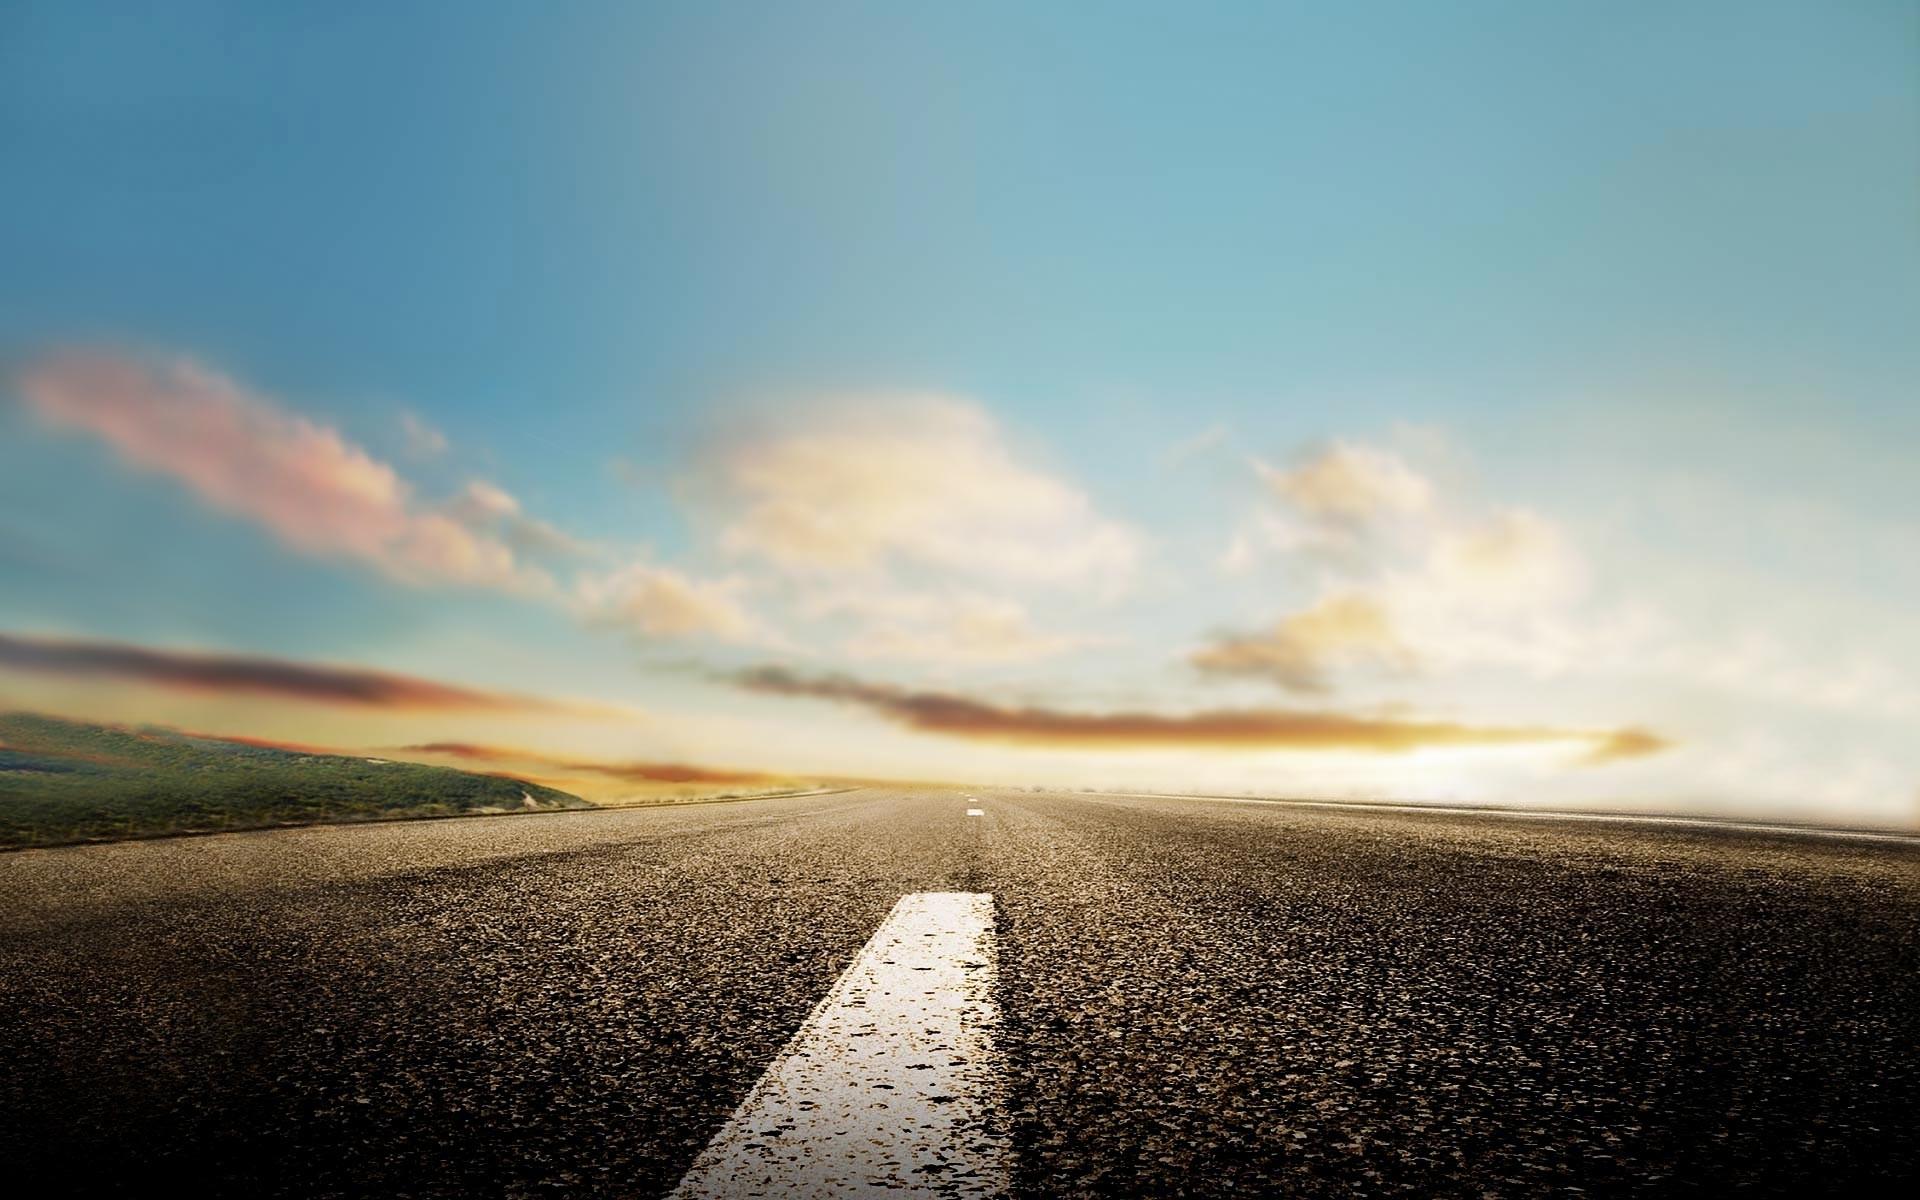 wallpaper road adnfriki (8)